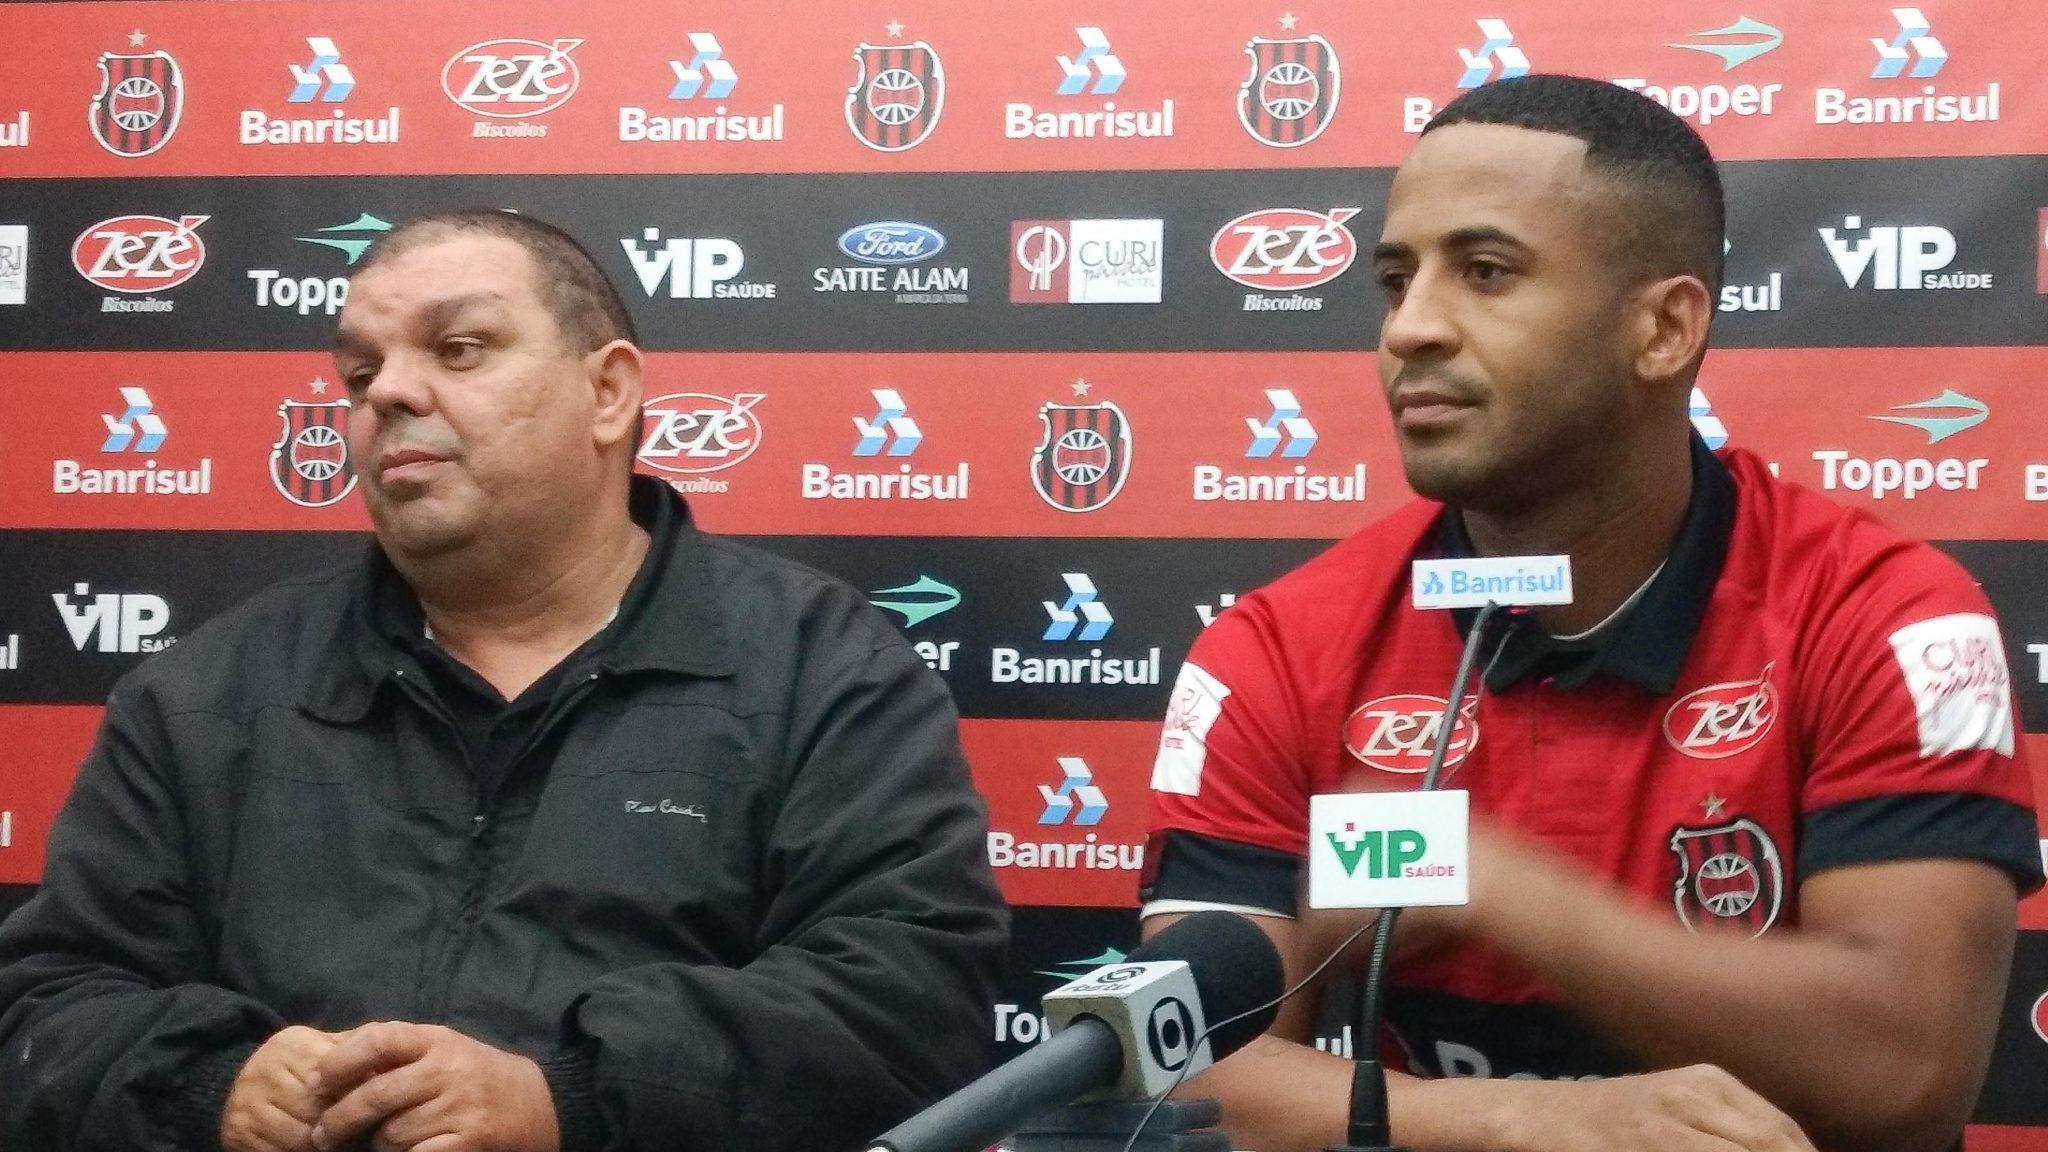 Brasil-Pel: Meio-campista Pereira é o novo reforço rubro-negro para a temporada